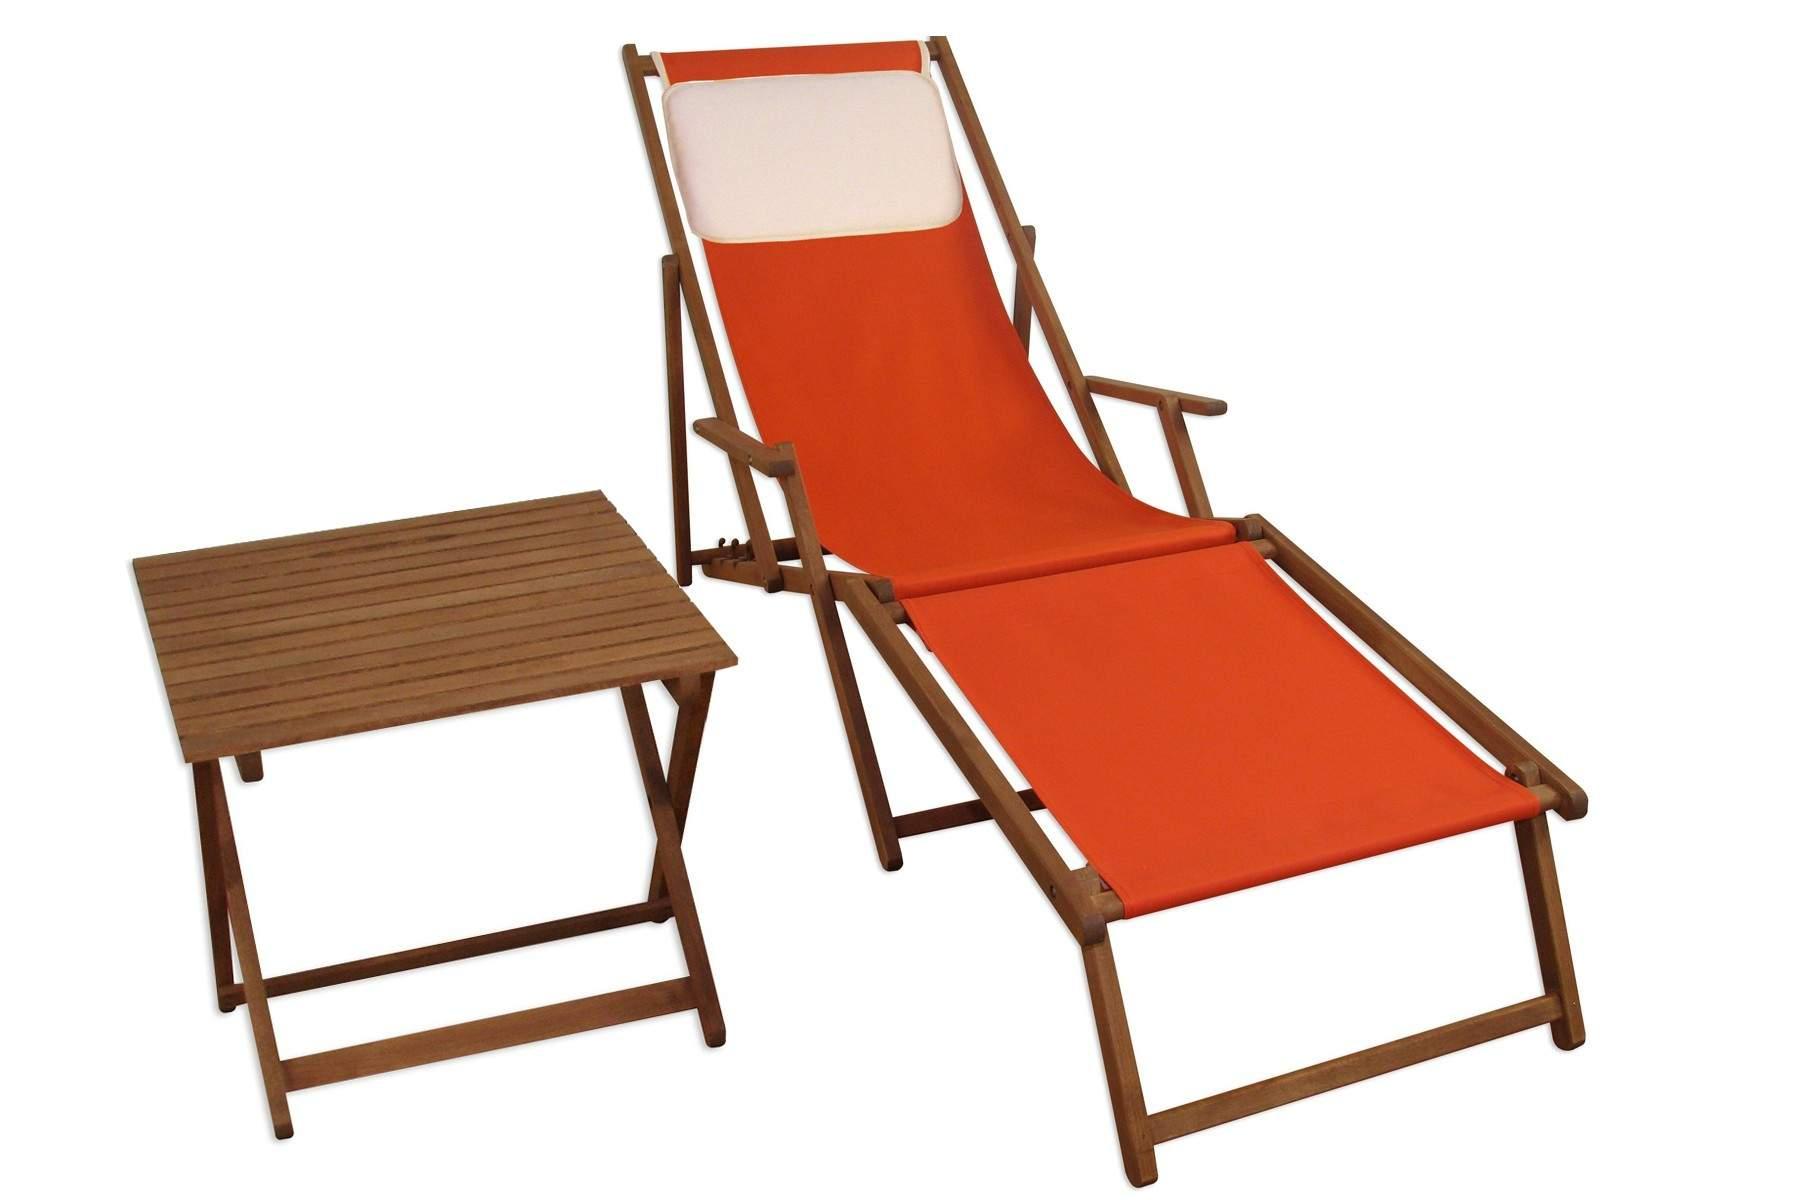 10 309 F T KH Sonnenliege terracotta Gartenli 1280x1280 2x